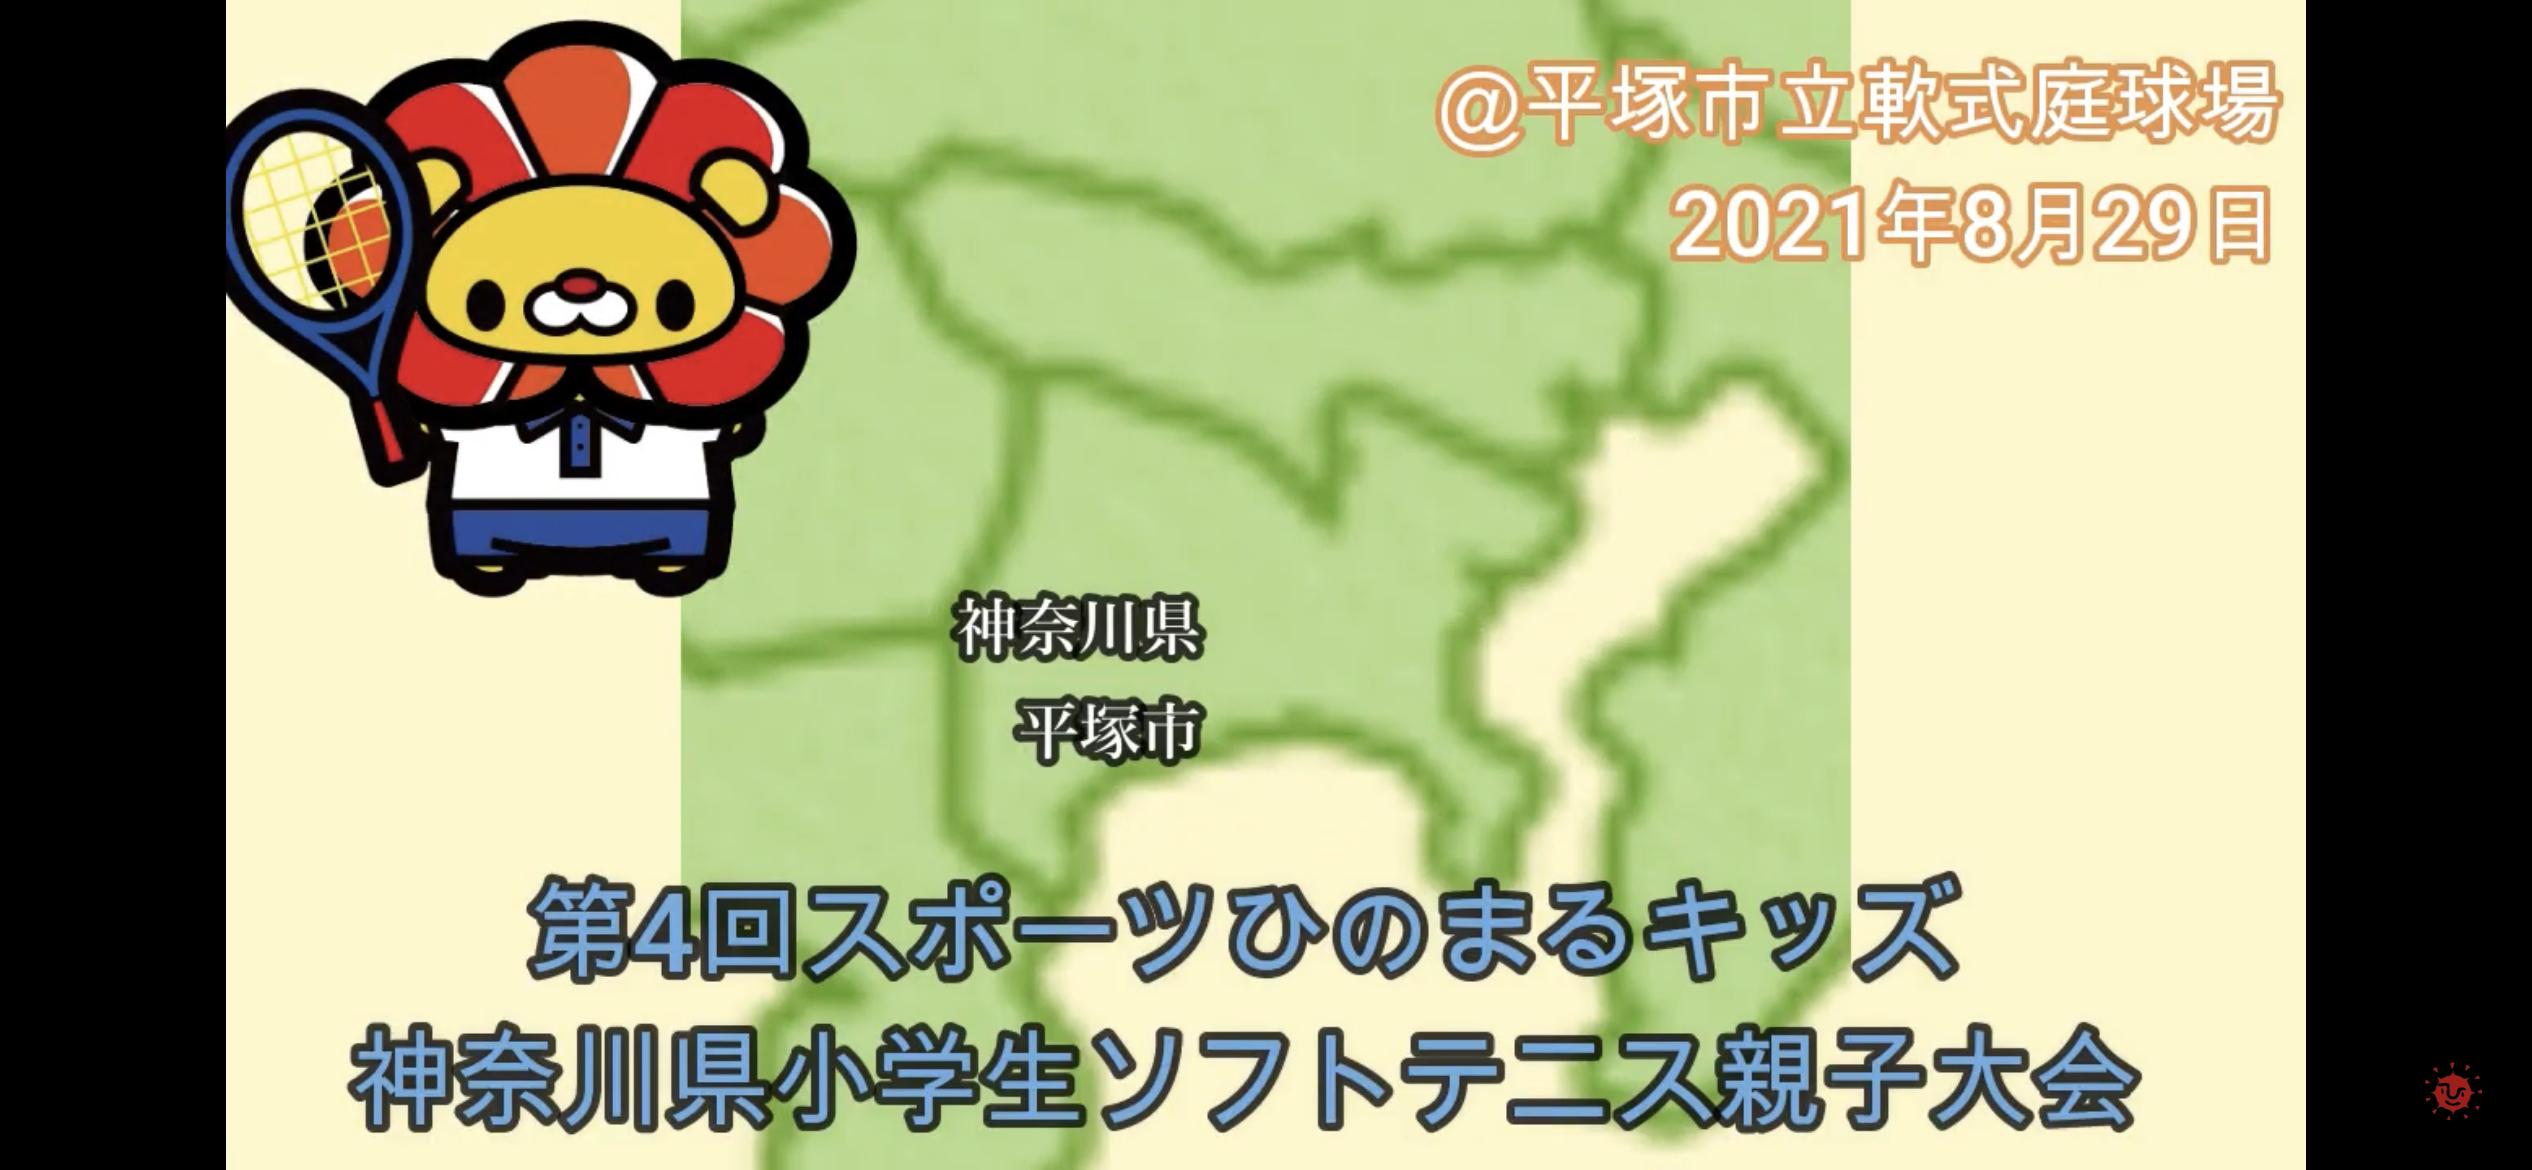 第4回 スポーツひのまるキッズ 神奈川県小学生ソフトテニス親子大会(神奈川県平塚市)